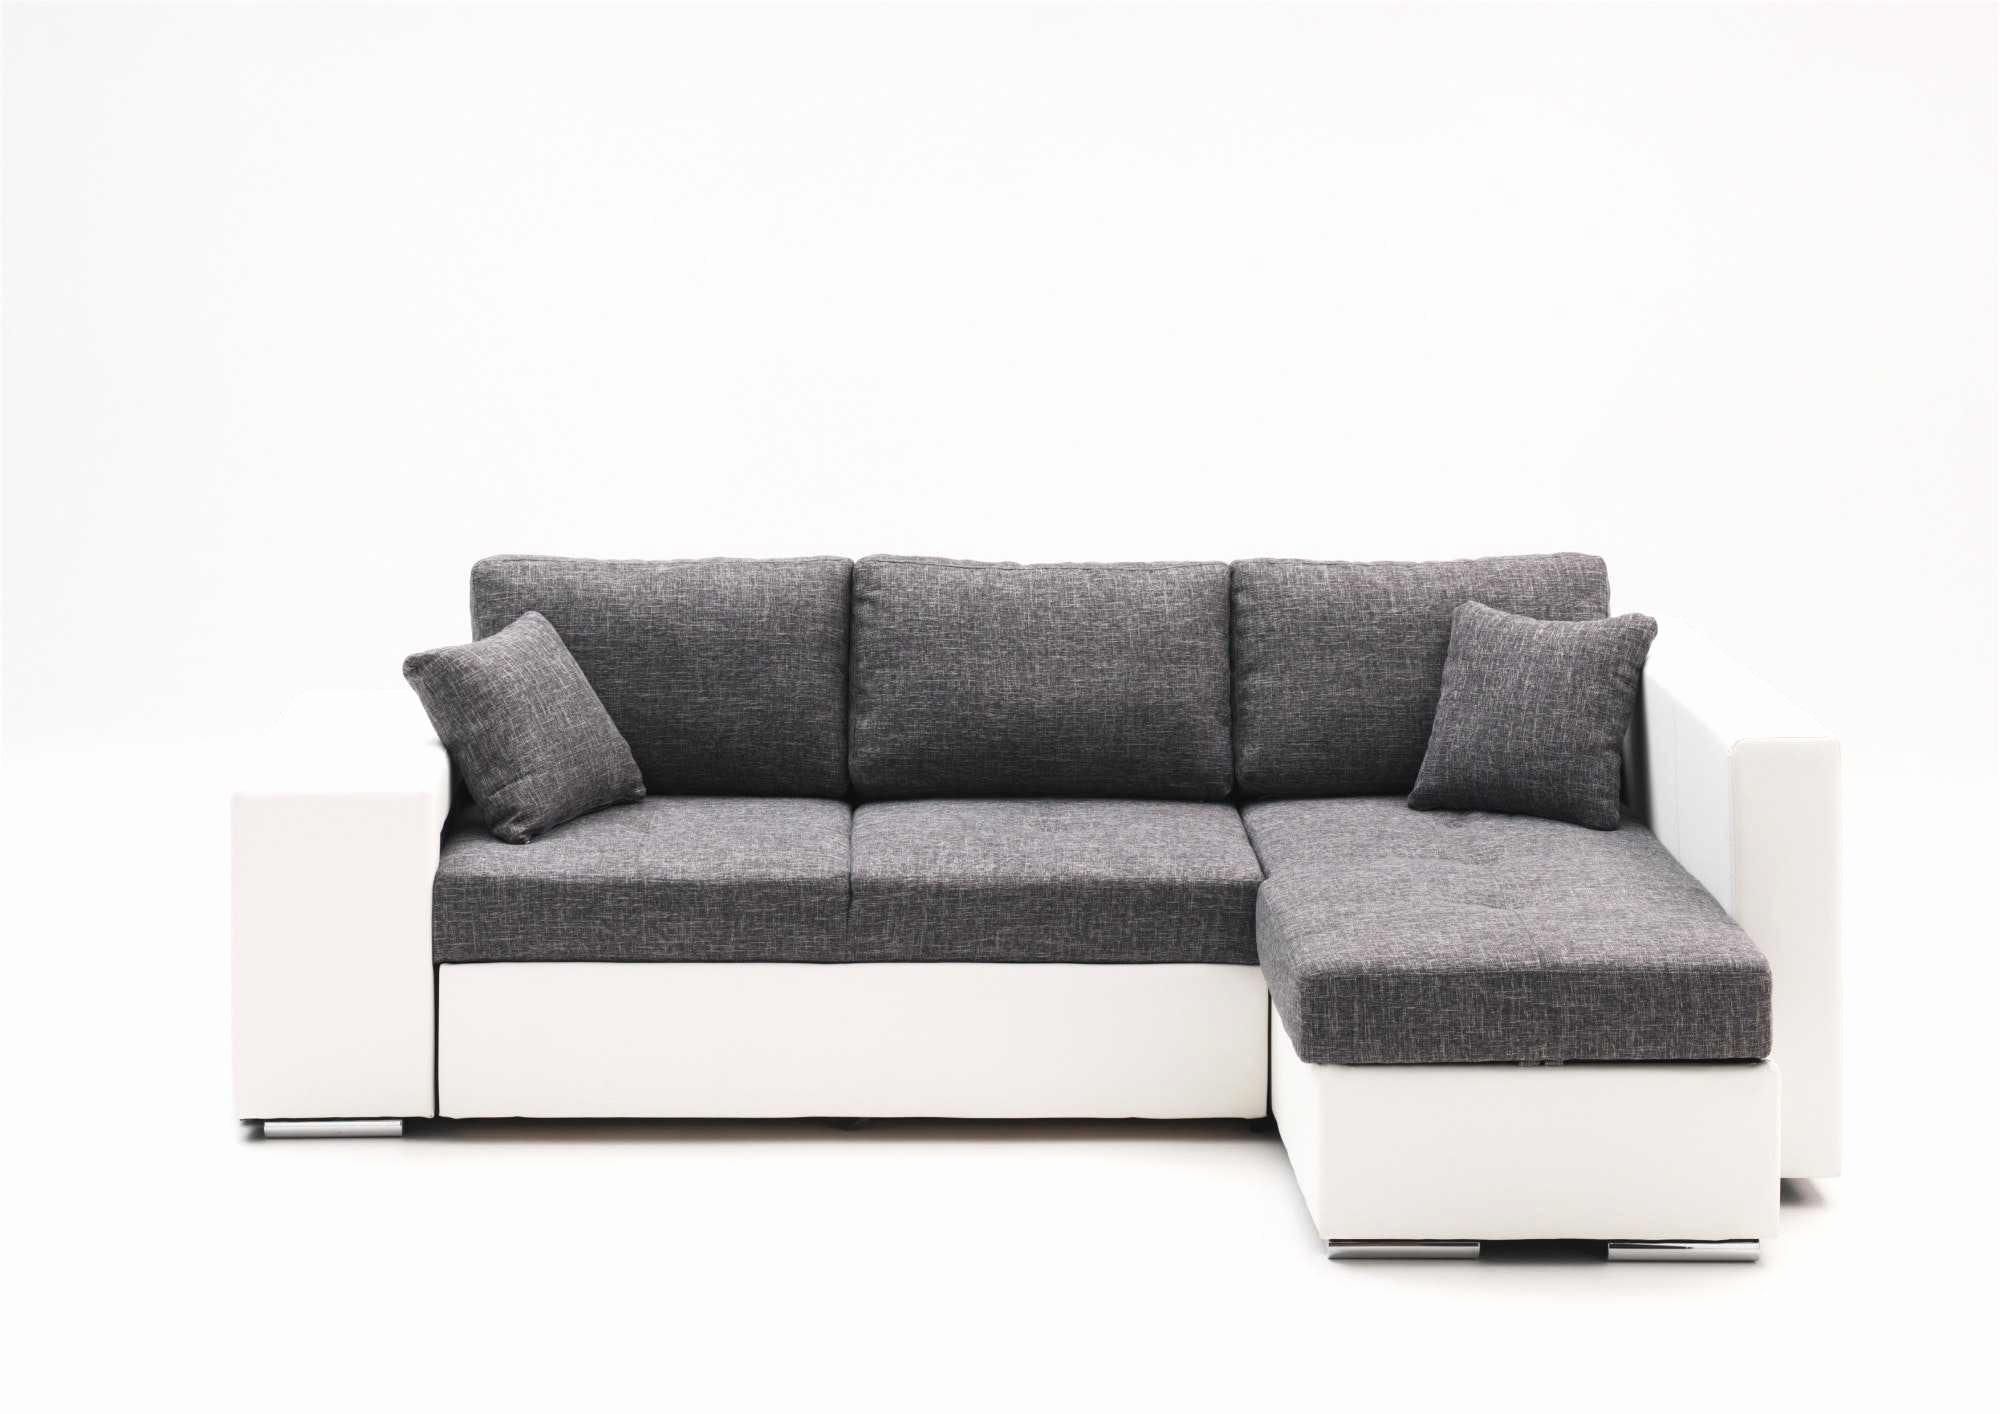 Canape Tissu Ikea Luxe Collection Clic Clac En Cuir Convertible Radioconexionanimal